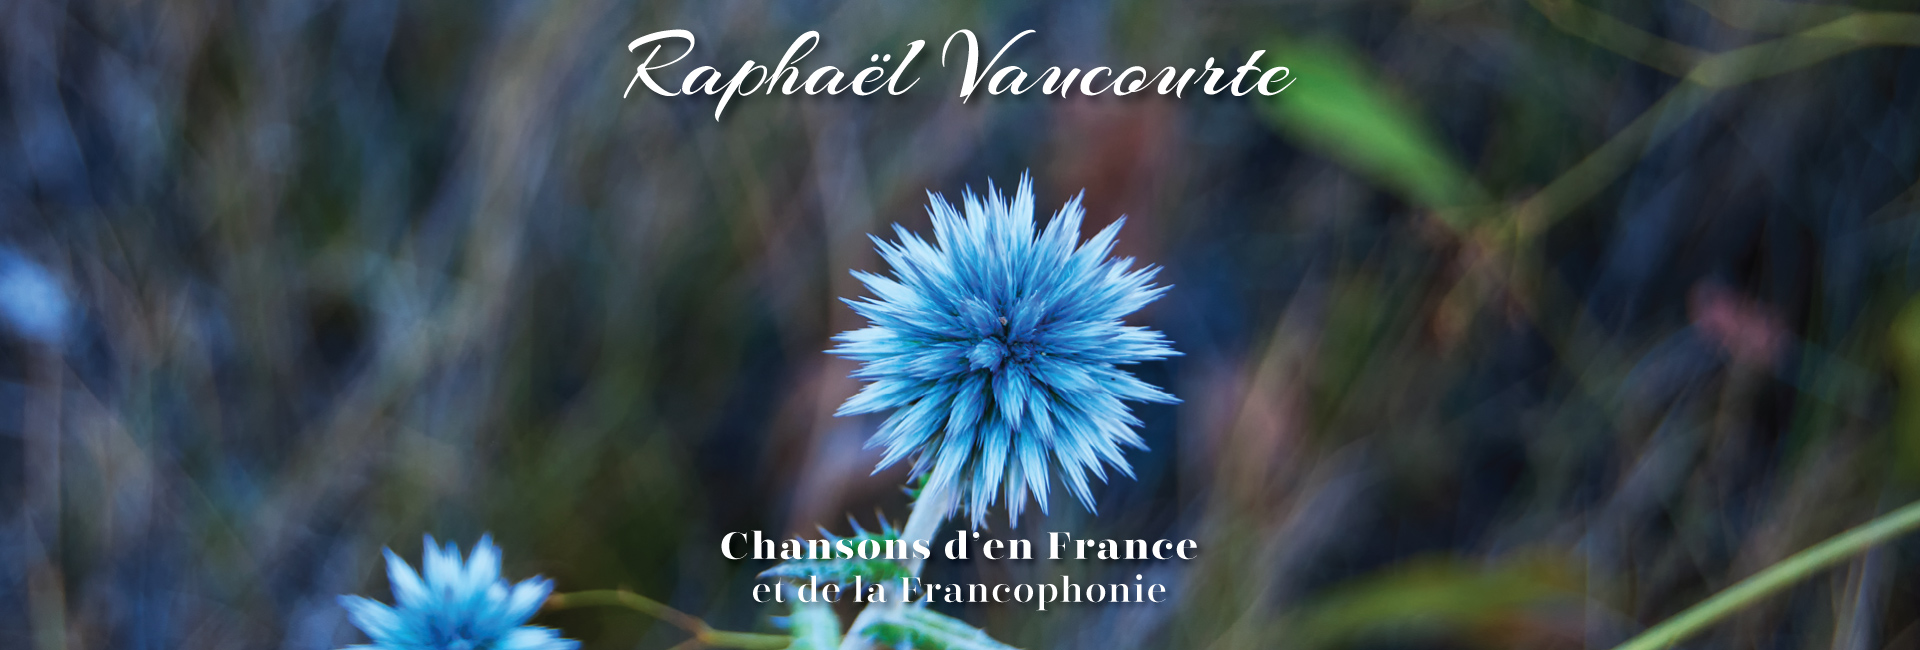 Raphaël Vaucourte (site officiel)